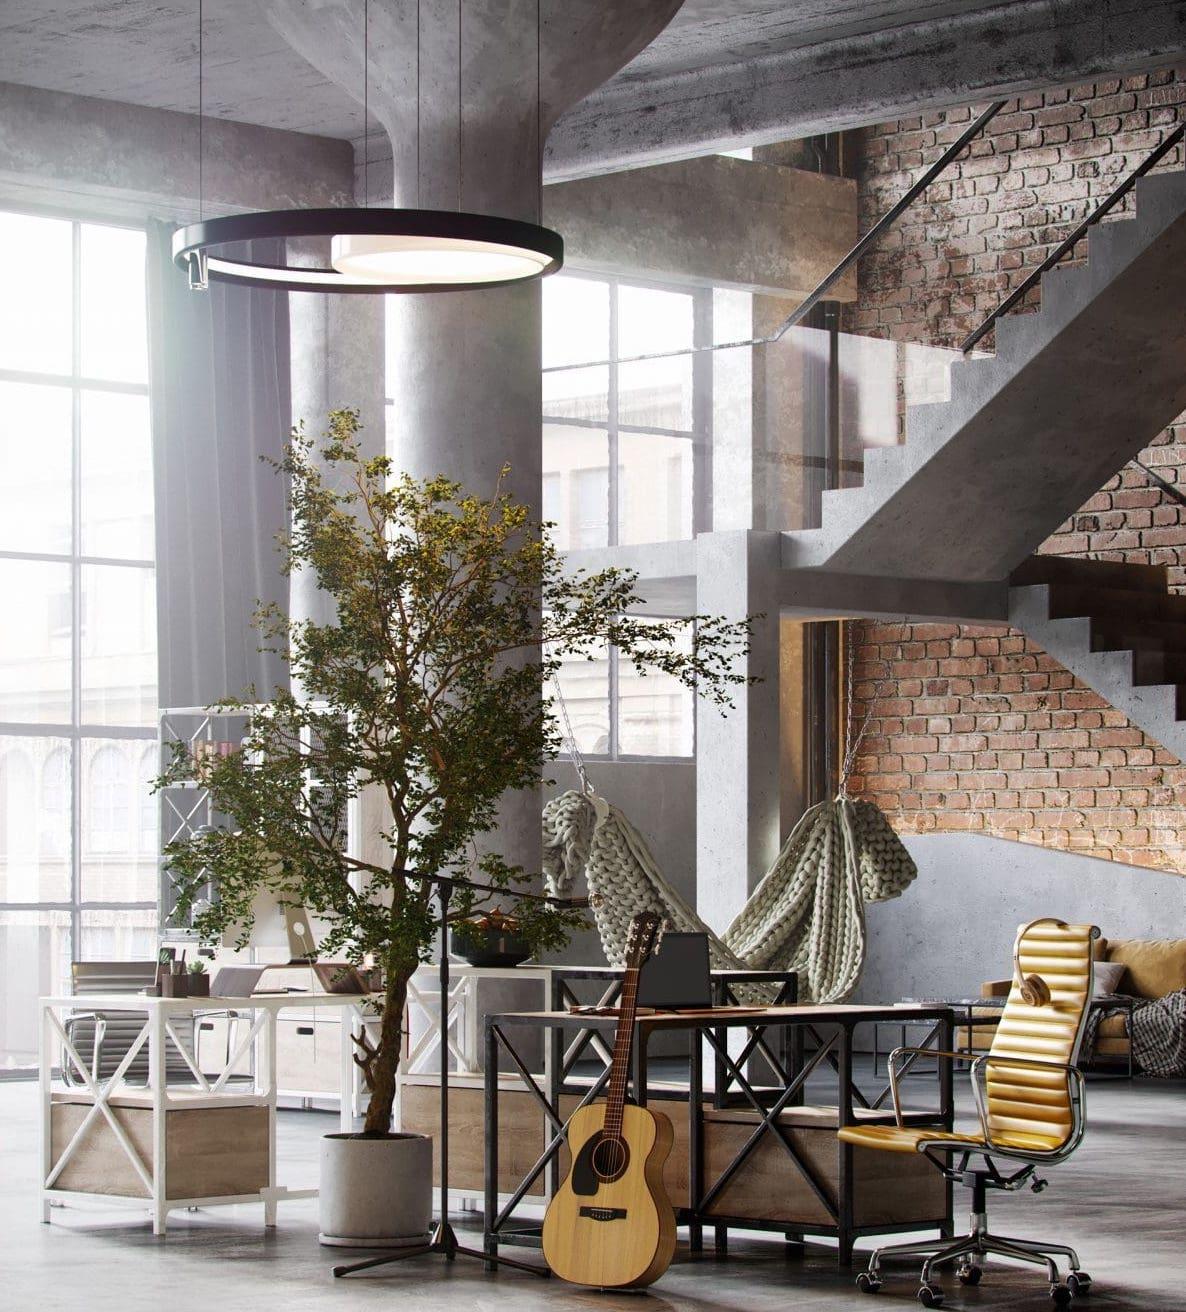 Яркие элементы декоративные и живые растения способны оживить бетонные стены